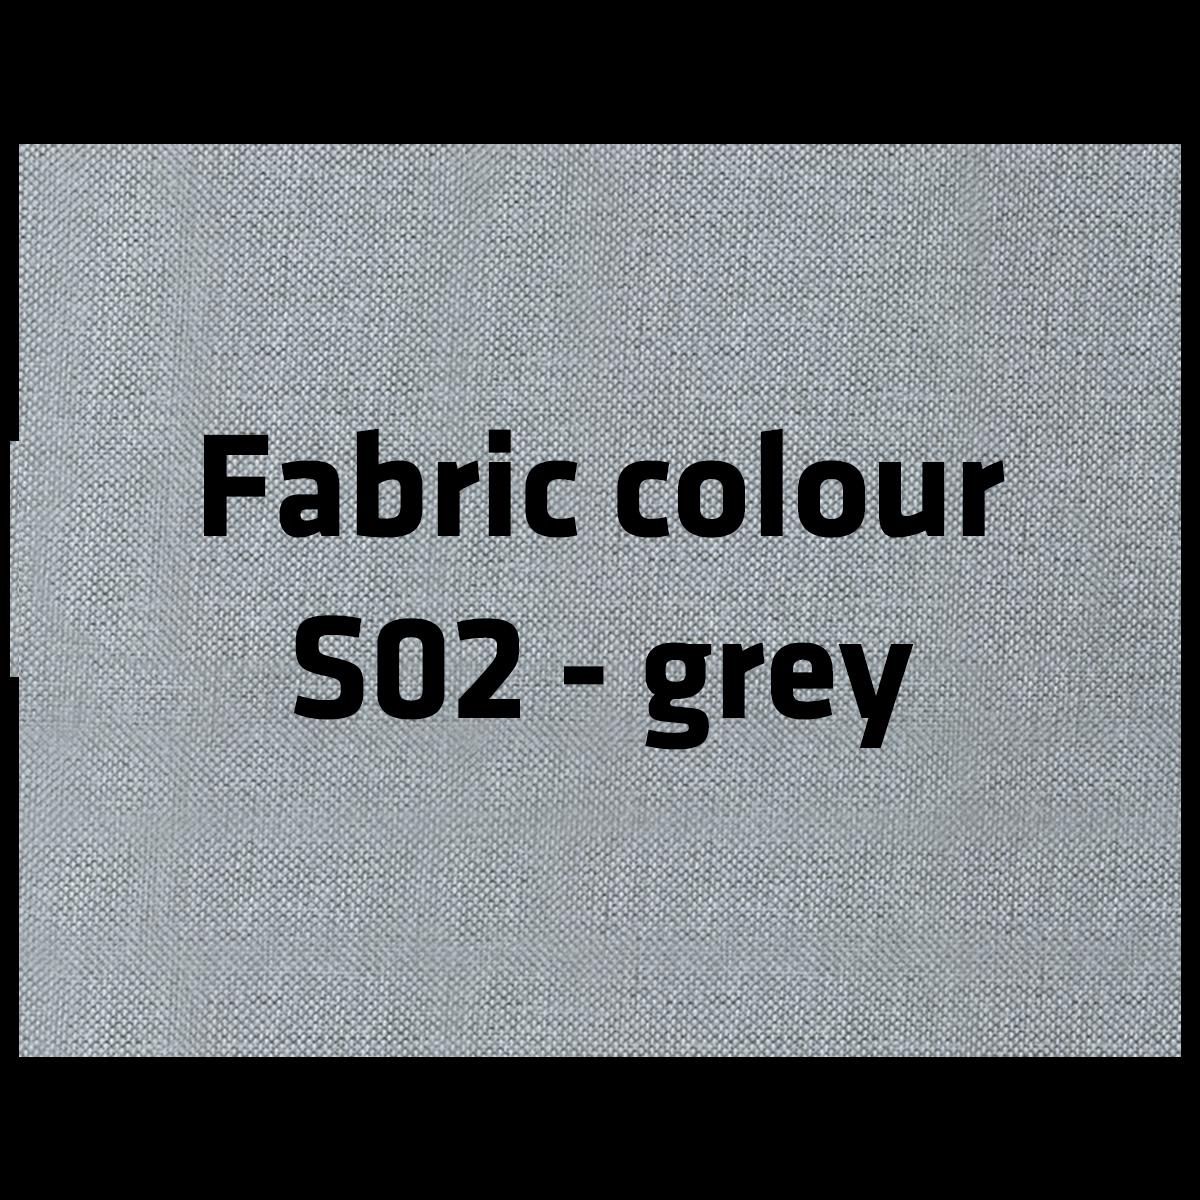 Stoff_S02_grey_Text_en_1200x1200px